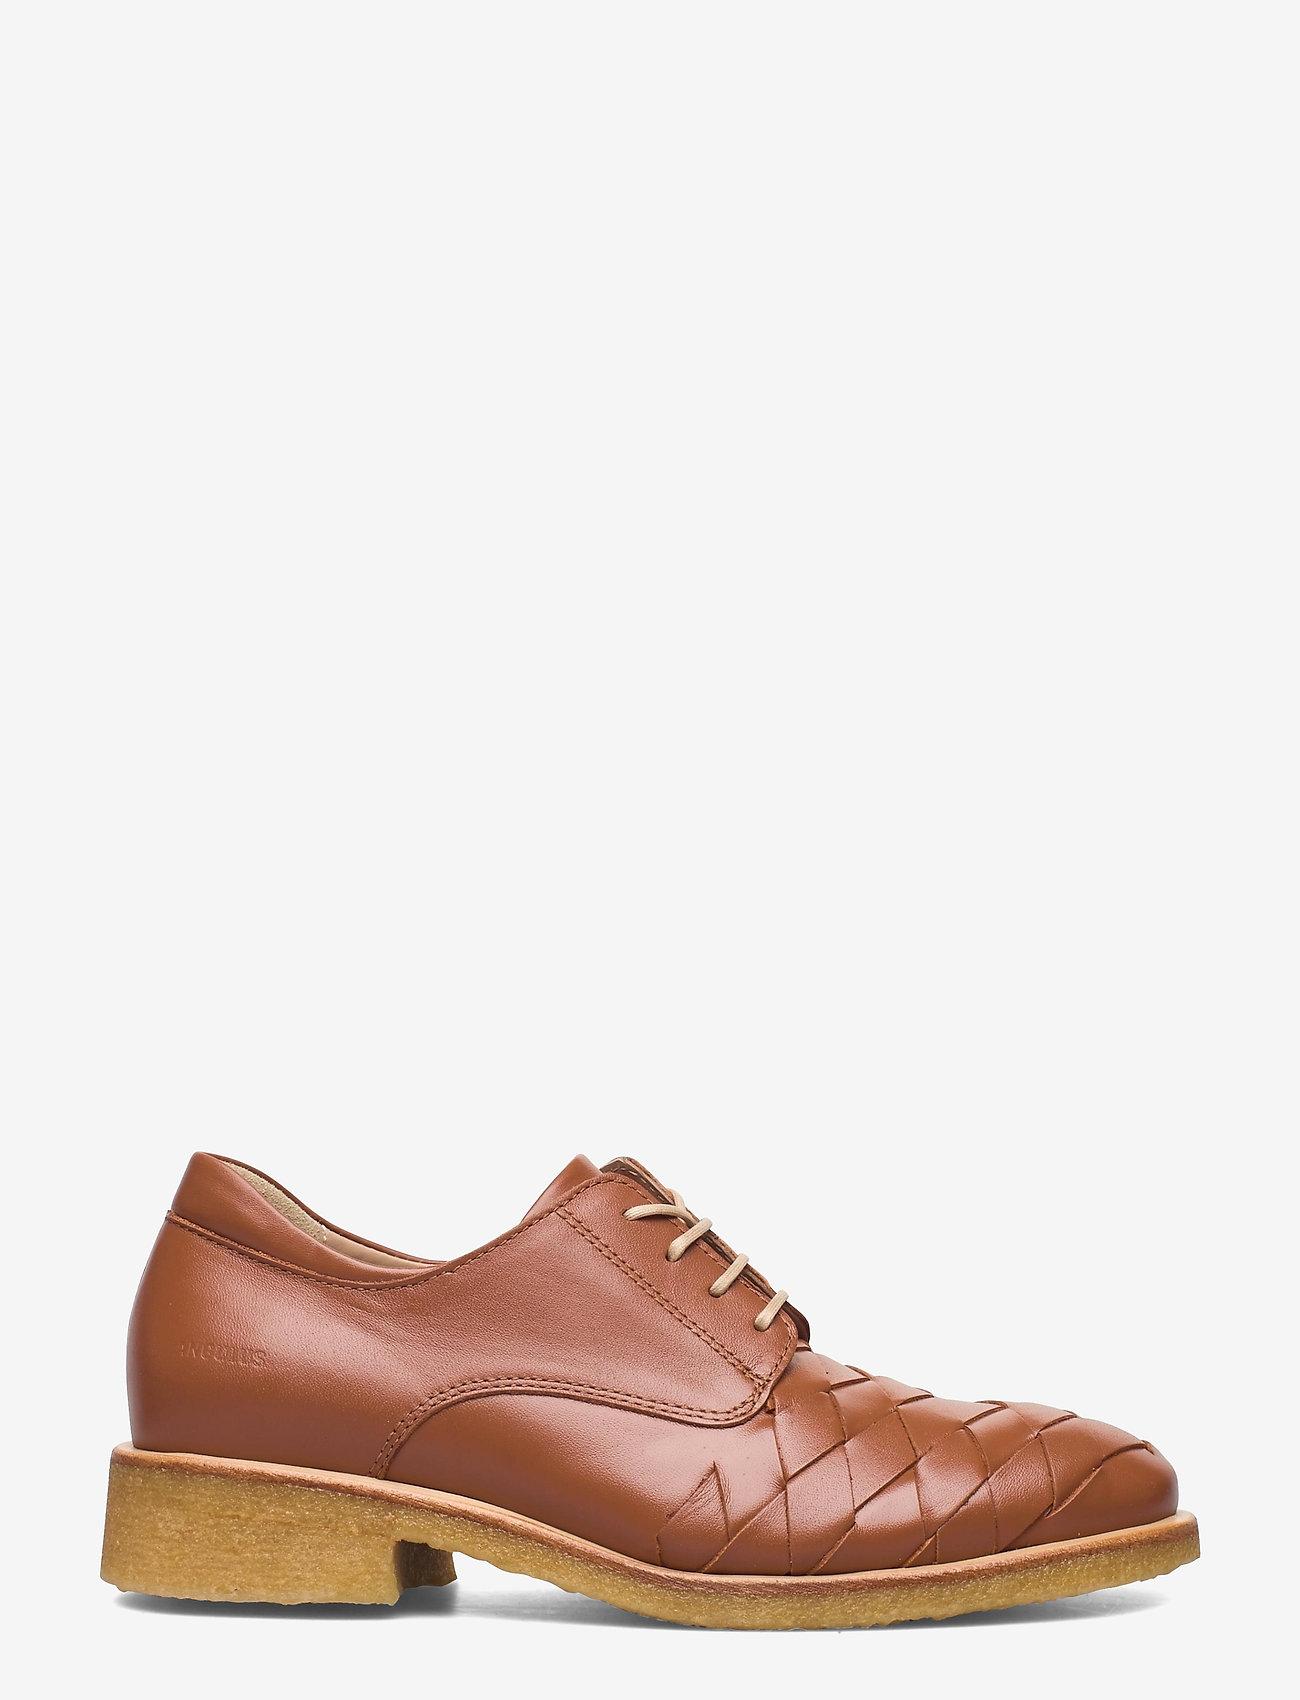 ANGULUS - Shoes - flat - snøresko - 1431 cognac - 1